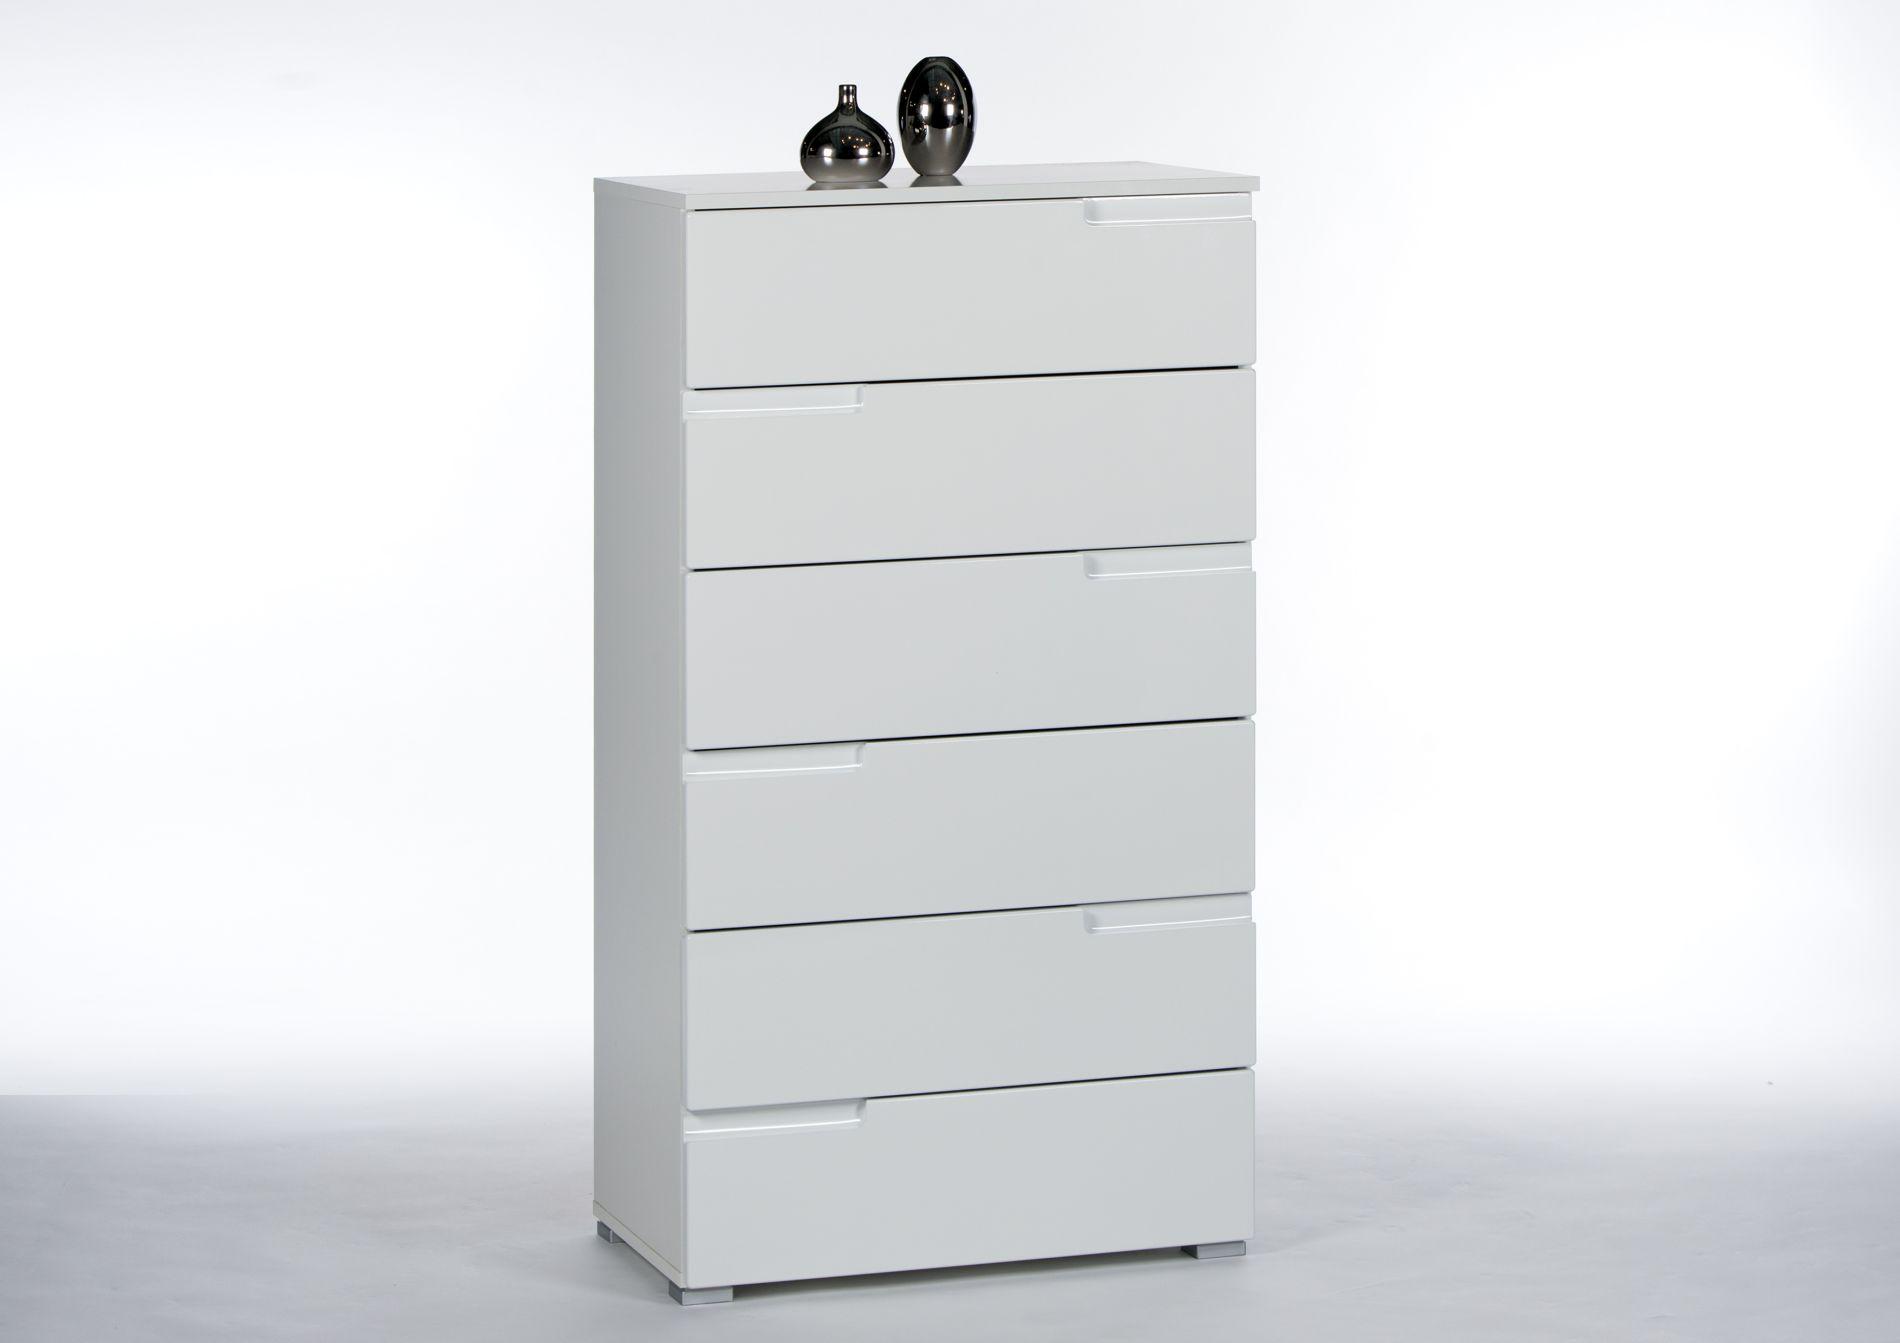 kommode 3 hoch spice kleinm bel garderoben sortiment. Black Bedroom Furniture Sets. Home Design Ideas